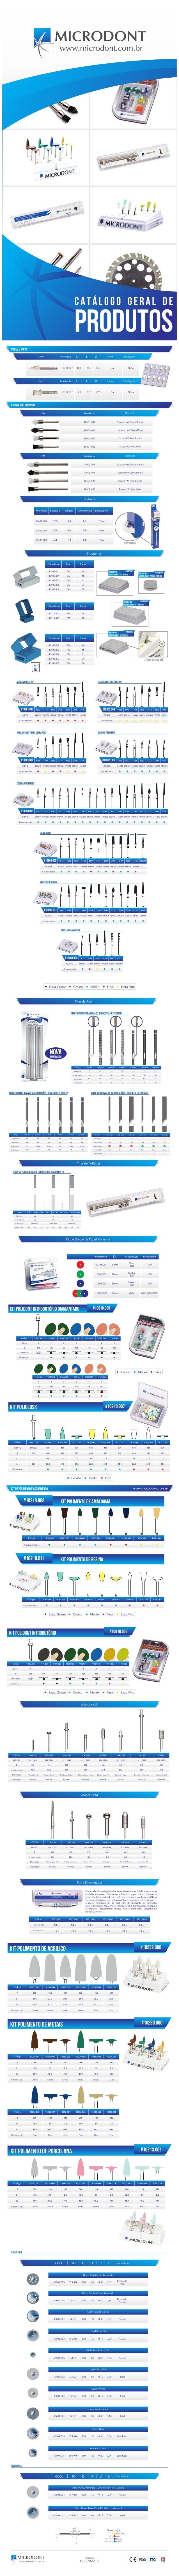 Microdont - Catálogo de Produtos